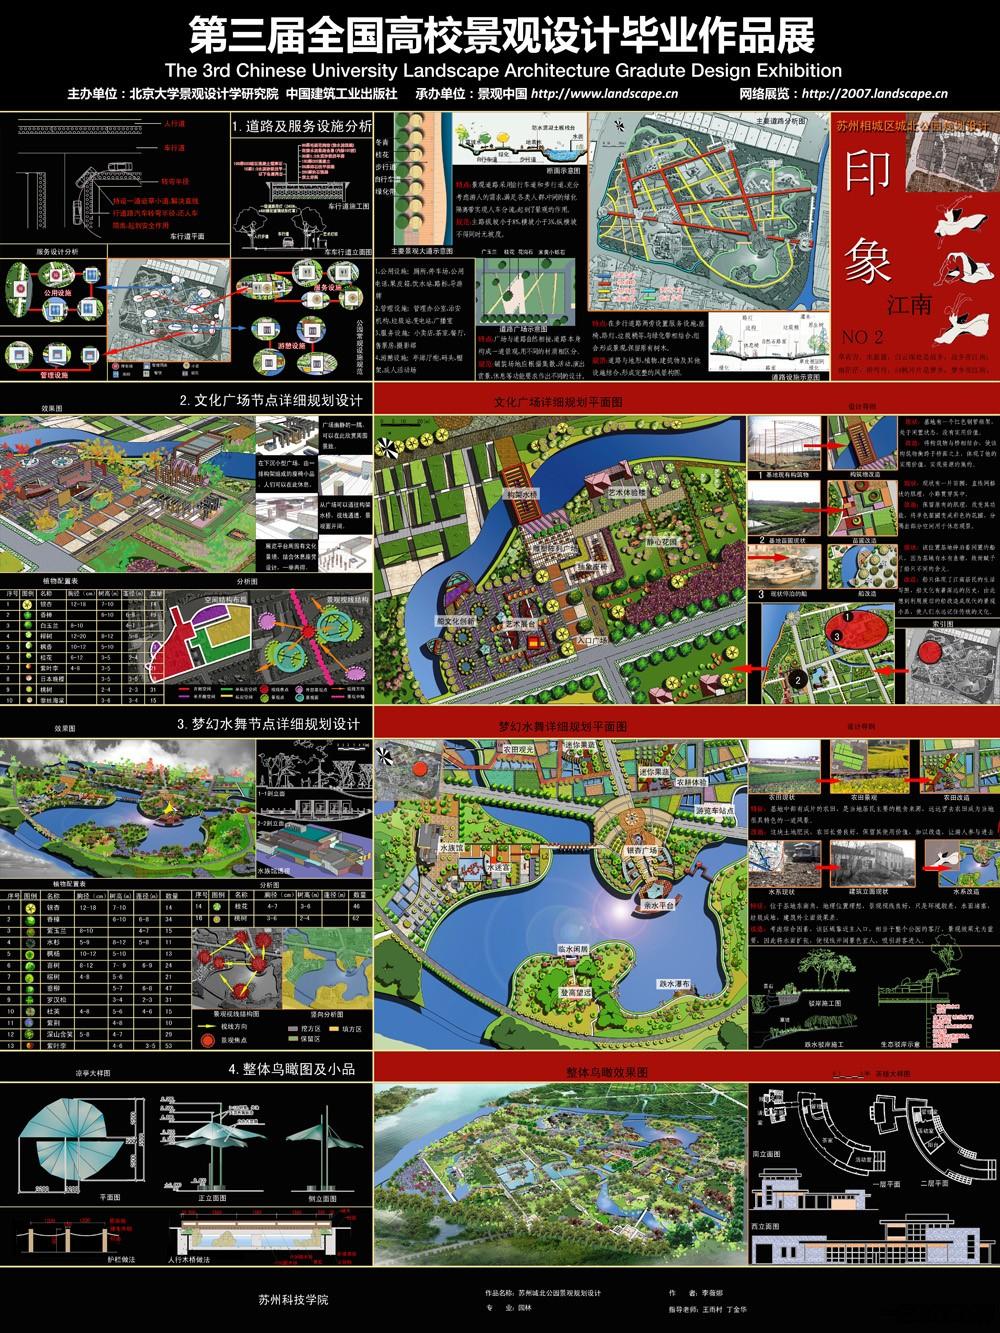 830张城市规划景观园林毕业设计作品展板参考案例